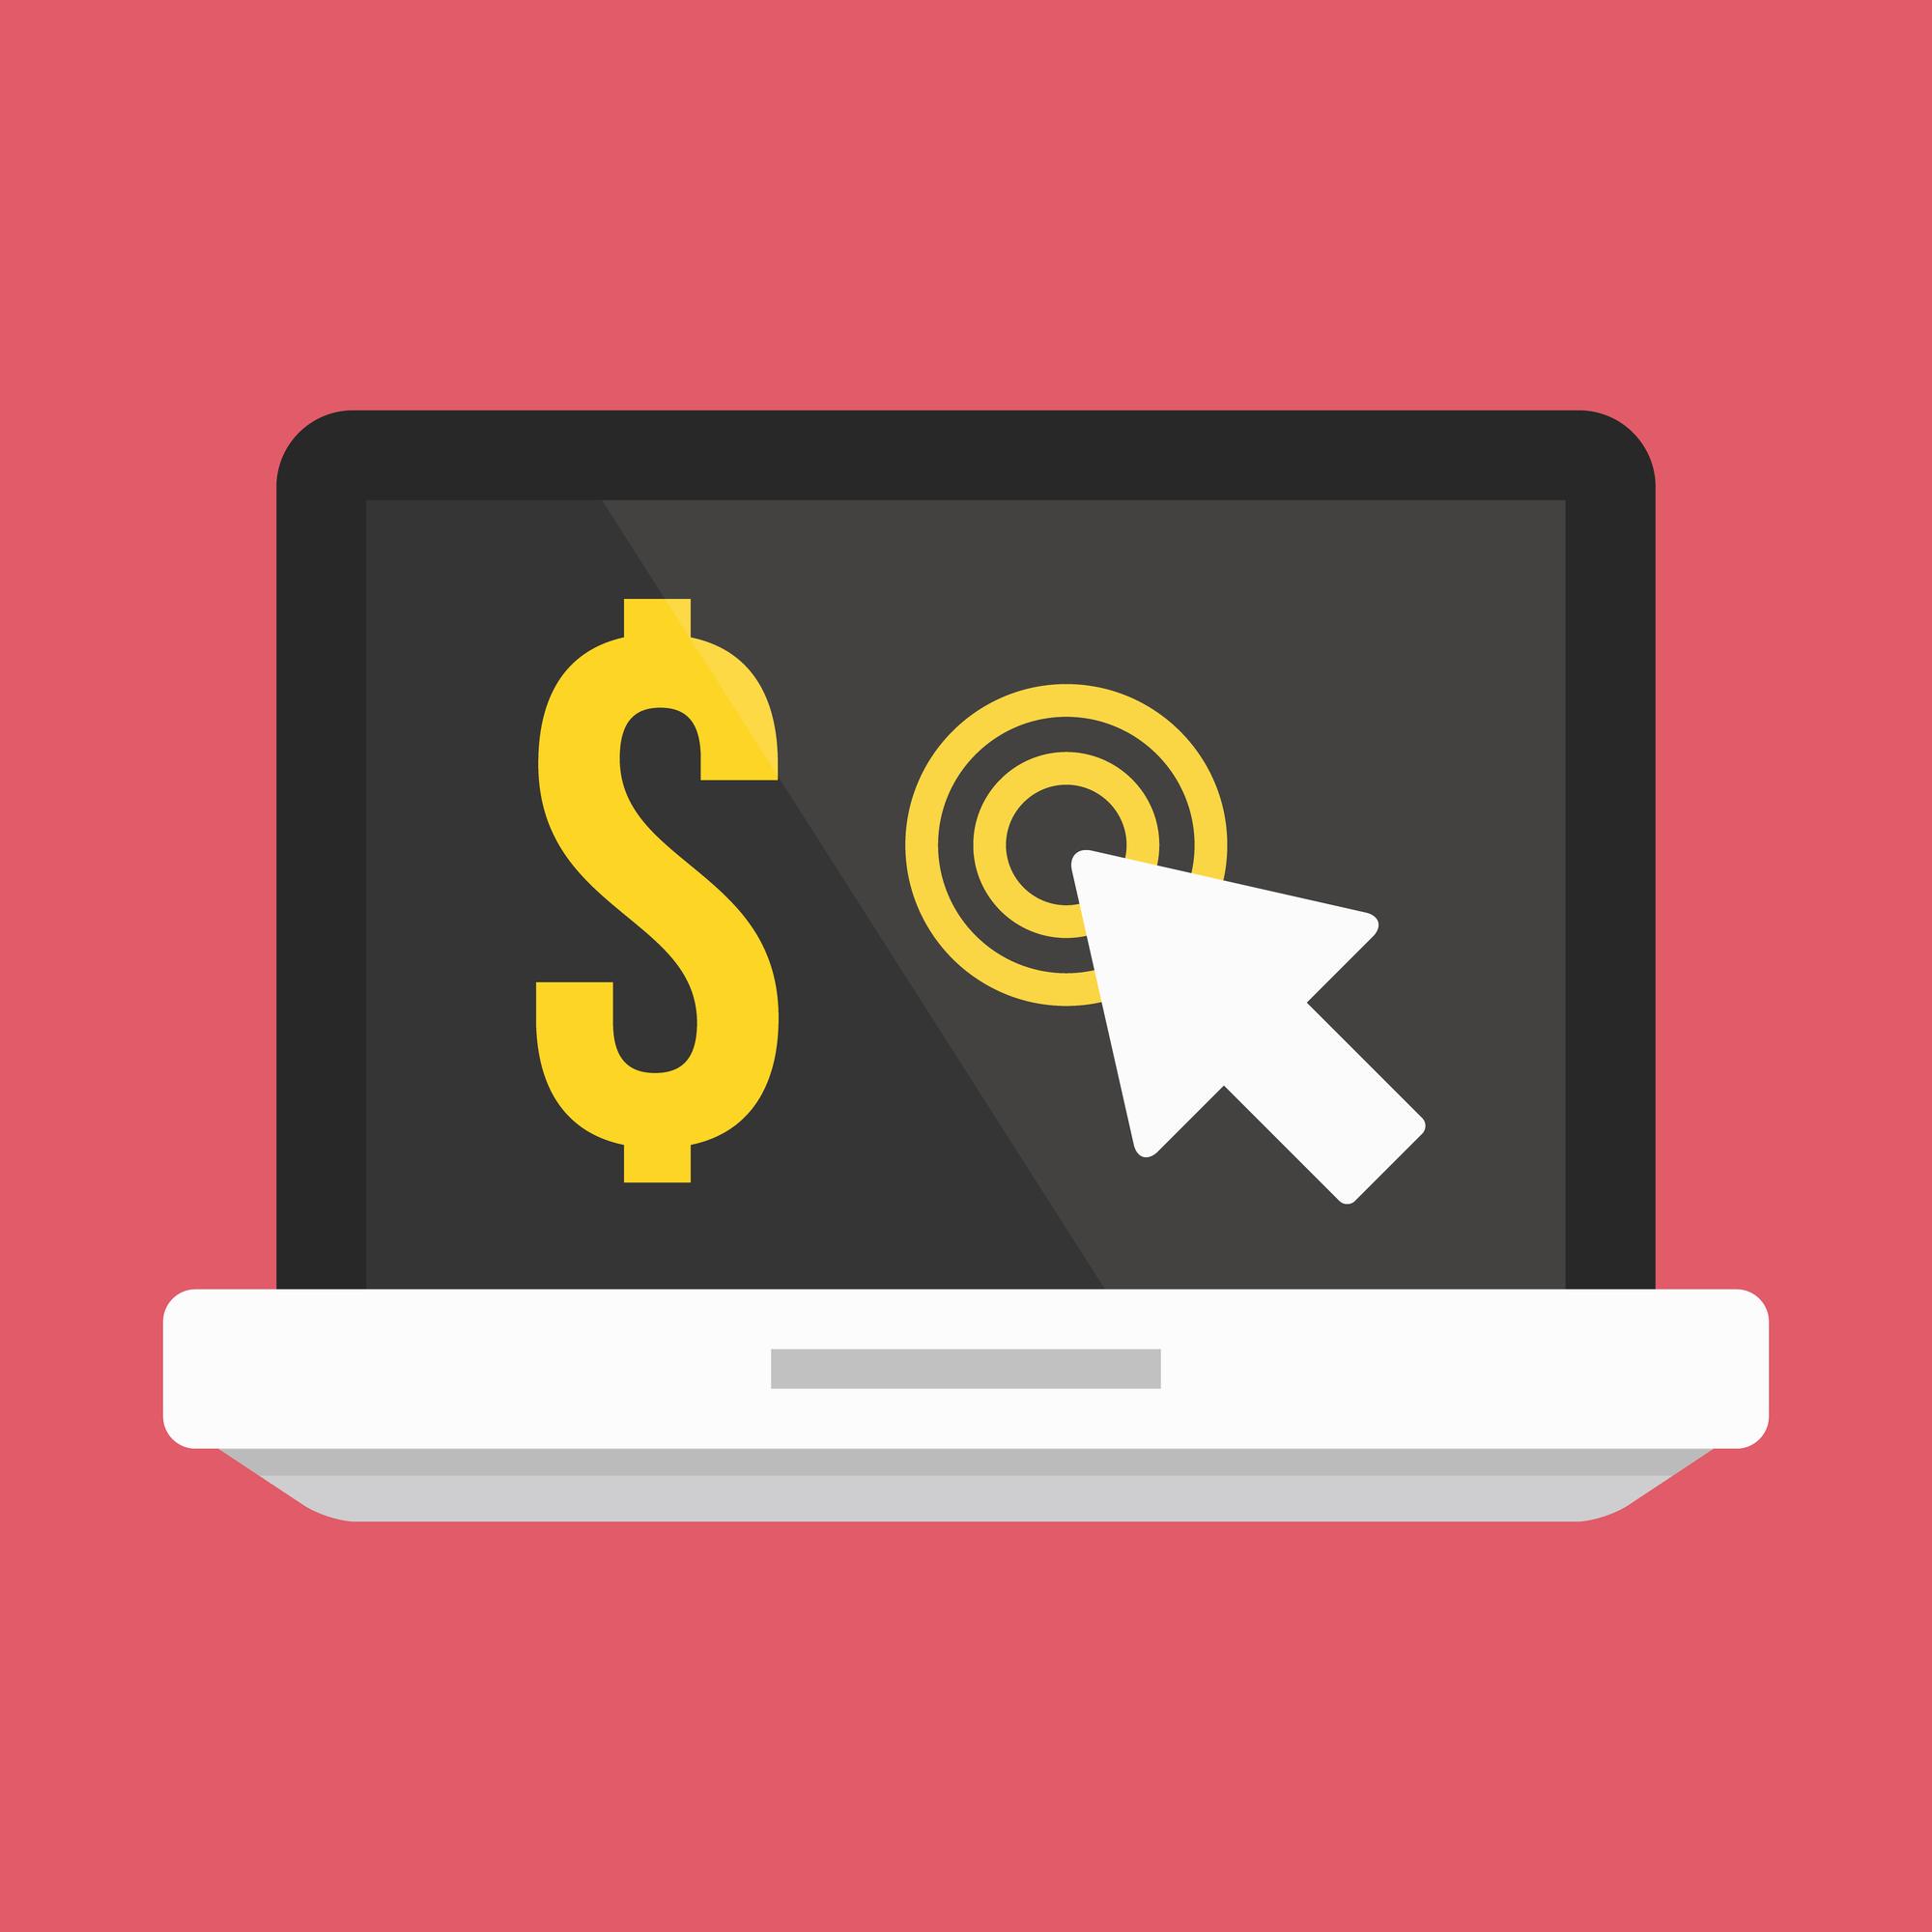 $50 за тысячу кликов на вашу рекламу. Сколько стоит продвижение вашей компании в интернете